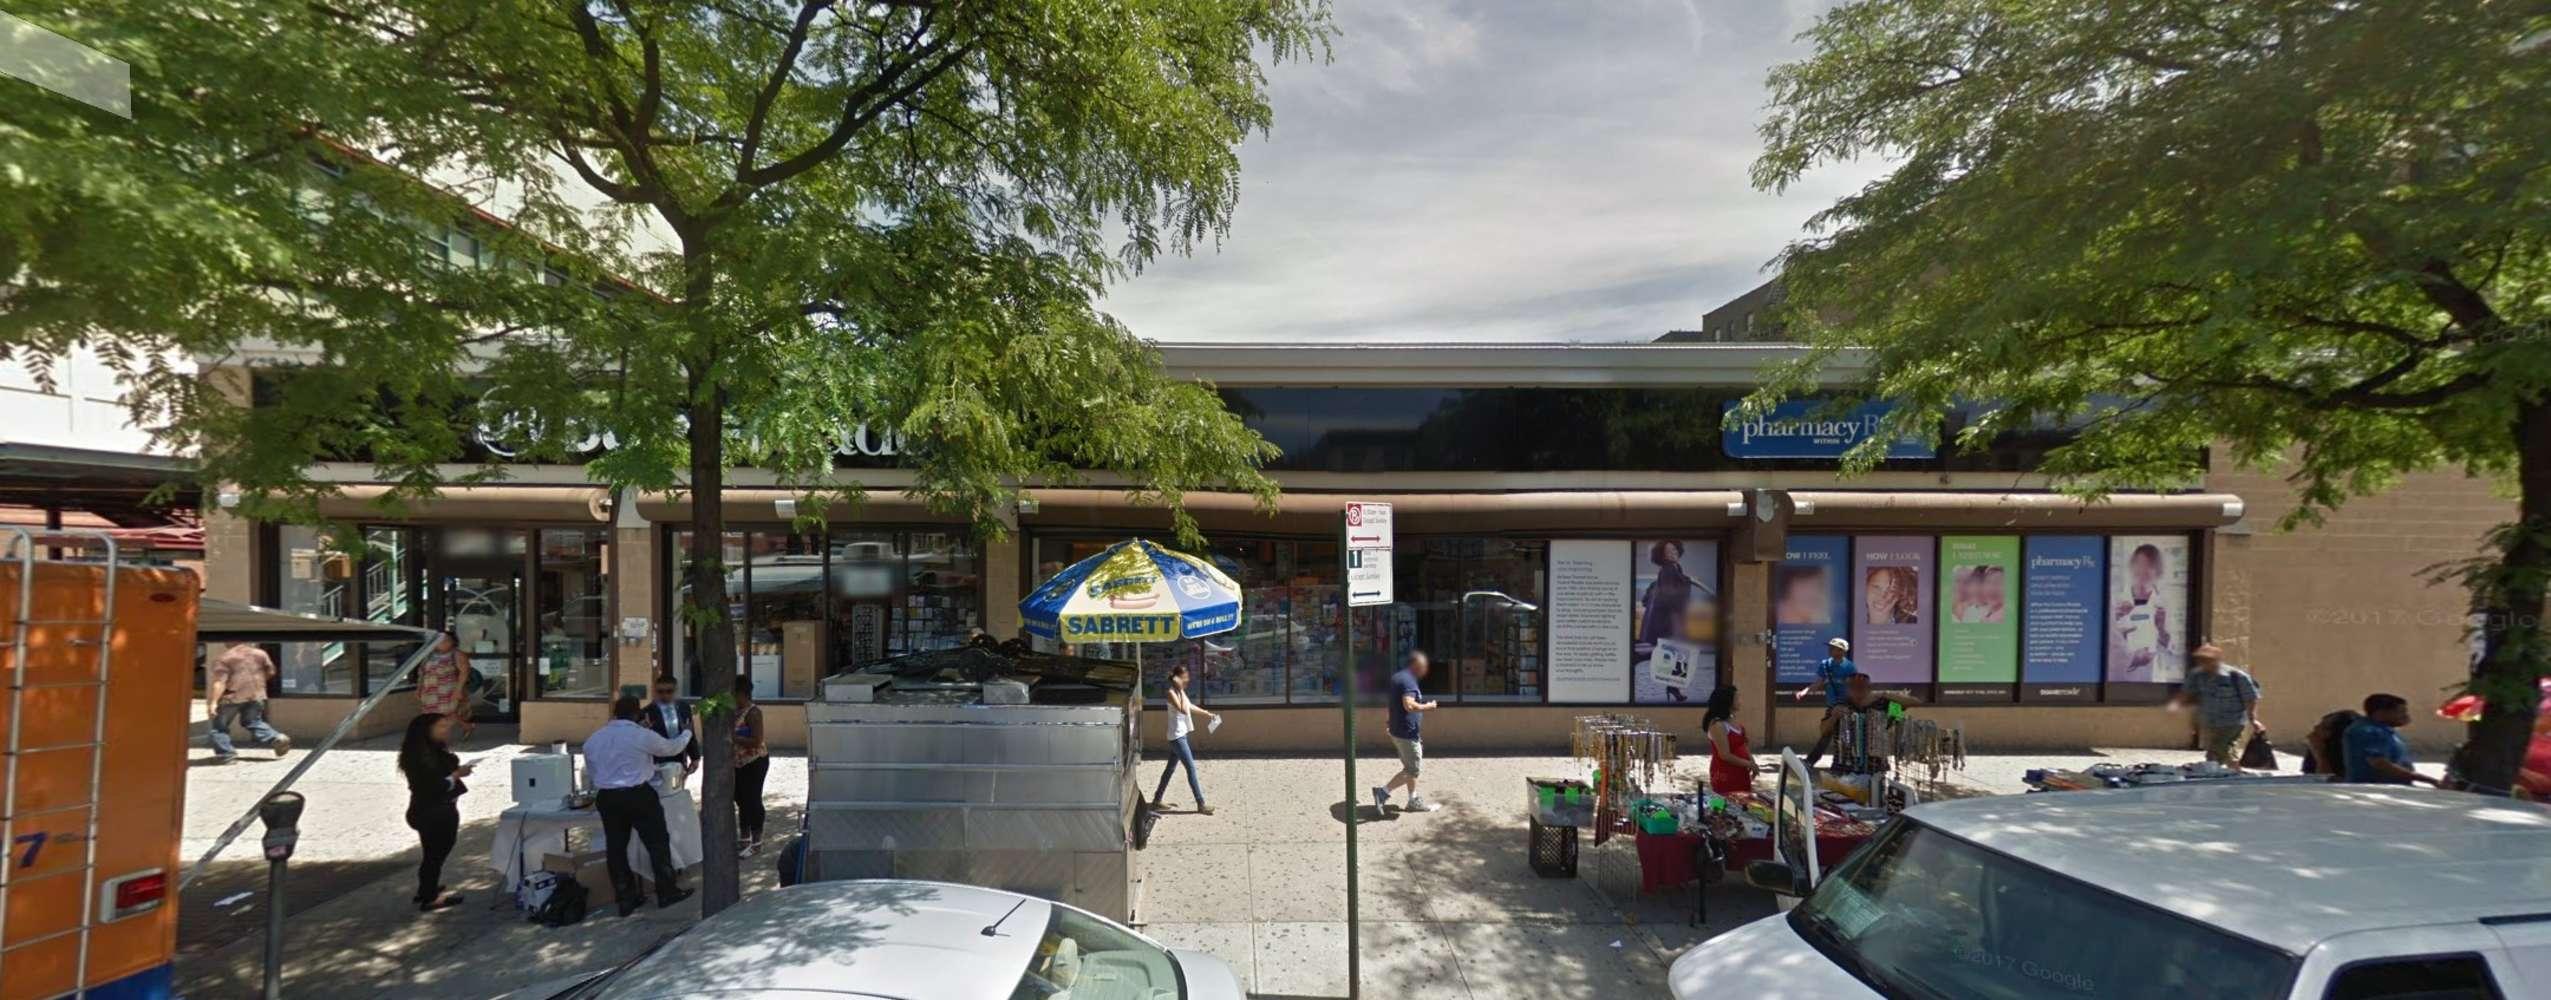 Retail Bronx, 14288 - Walgreens 14288 - E Kingsbridge Rd - Bronx, NY